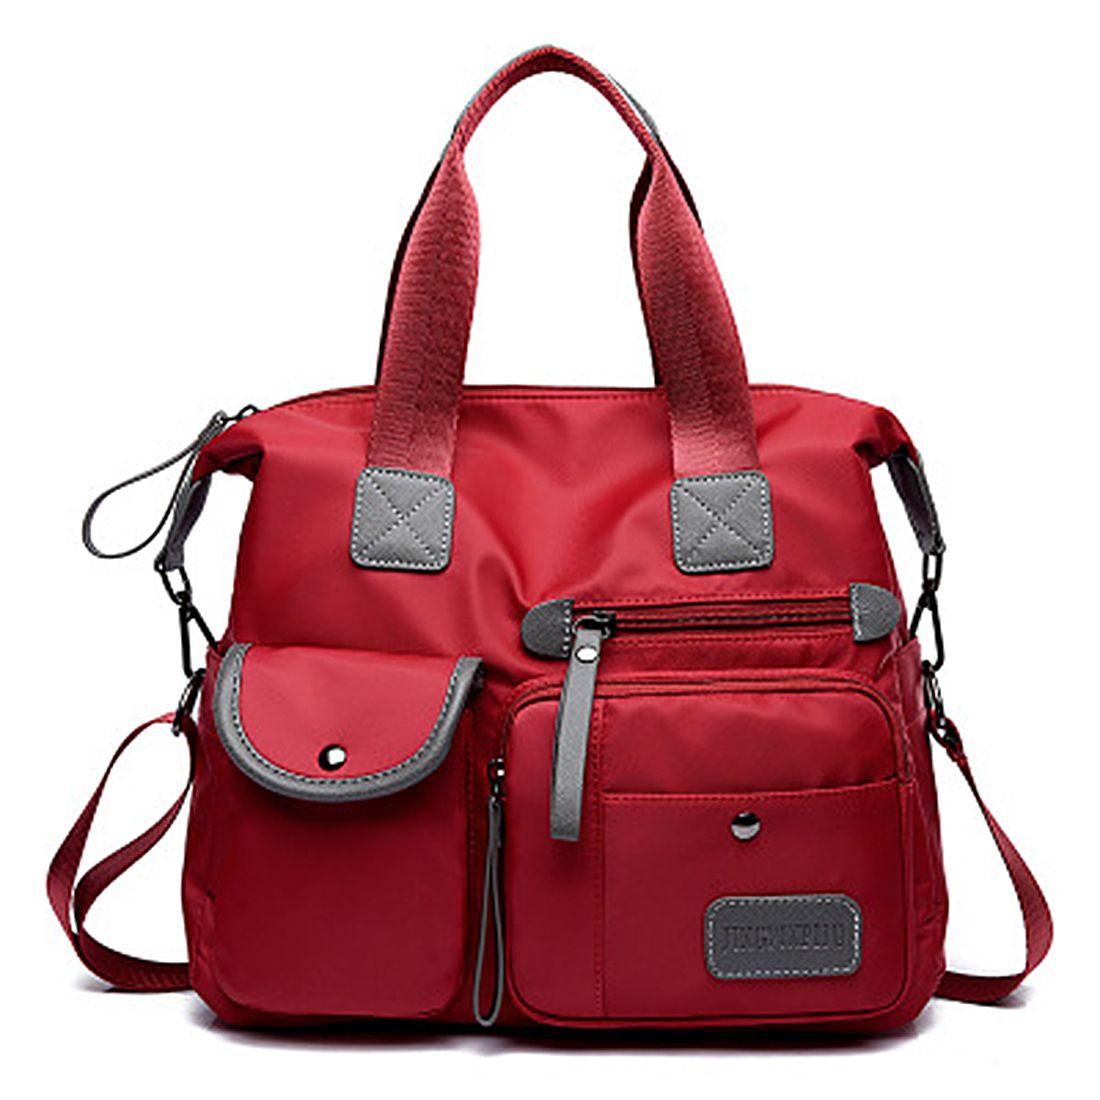 DCOS Neue Damen Mode Wasserdicht Oxford Tote Tasche Casual Nylon Schulter Tasche Mummy Tasche Große Kapazität Leinwand Tasche